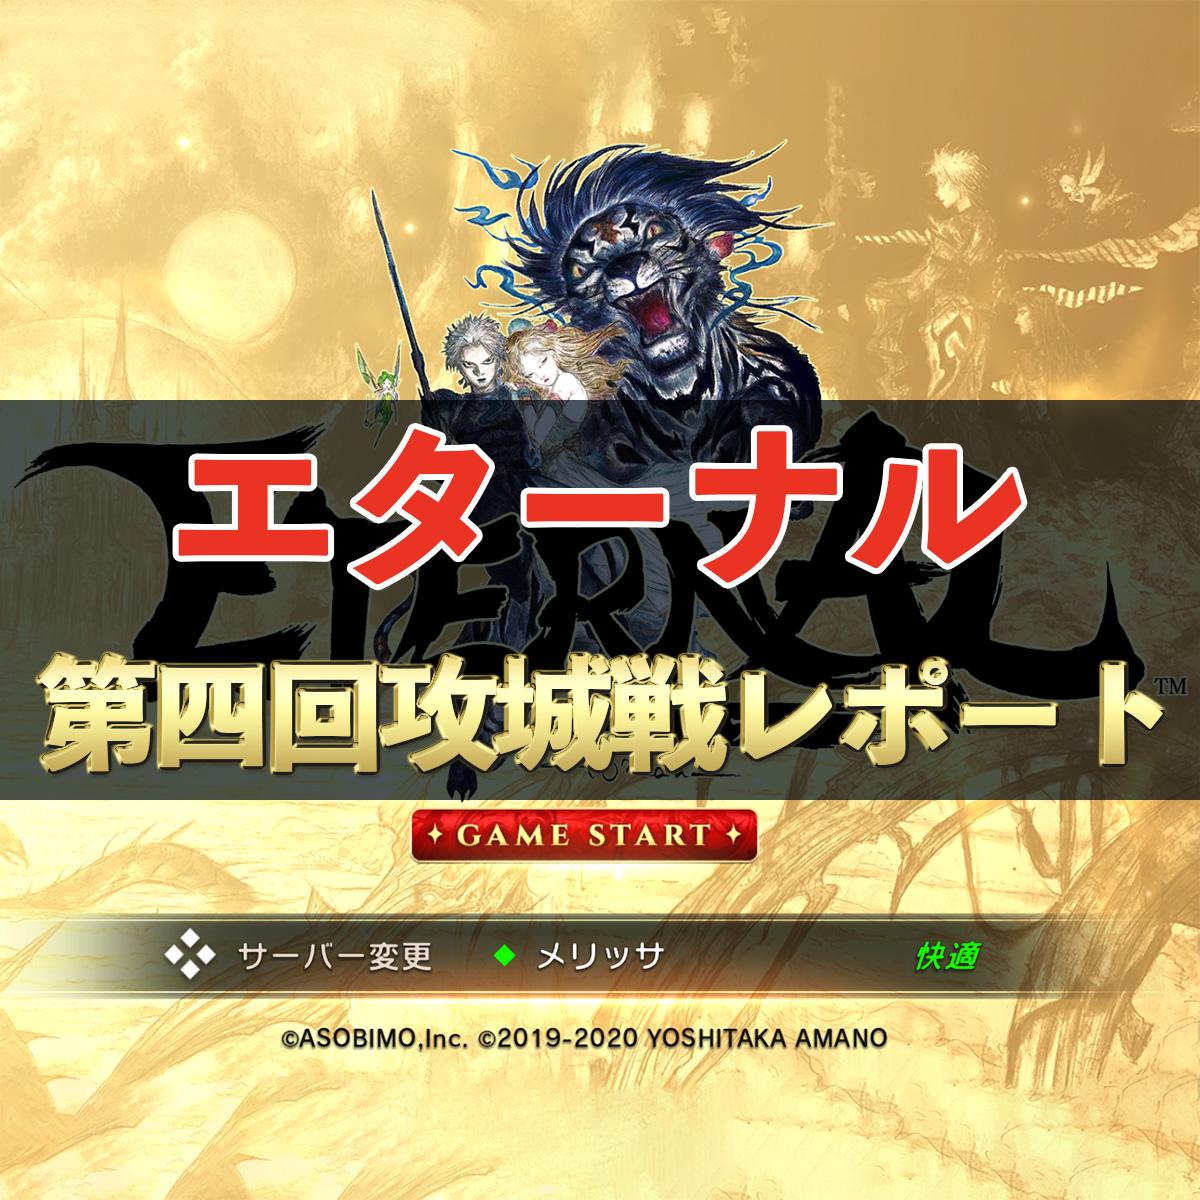 【エターナル】ガンナー初陣! 第四回攻城戦参戦レポート